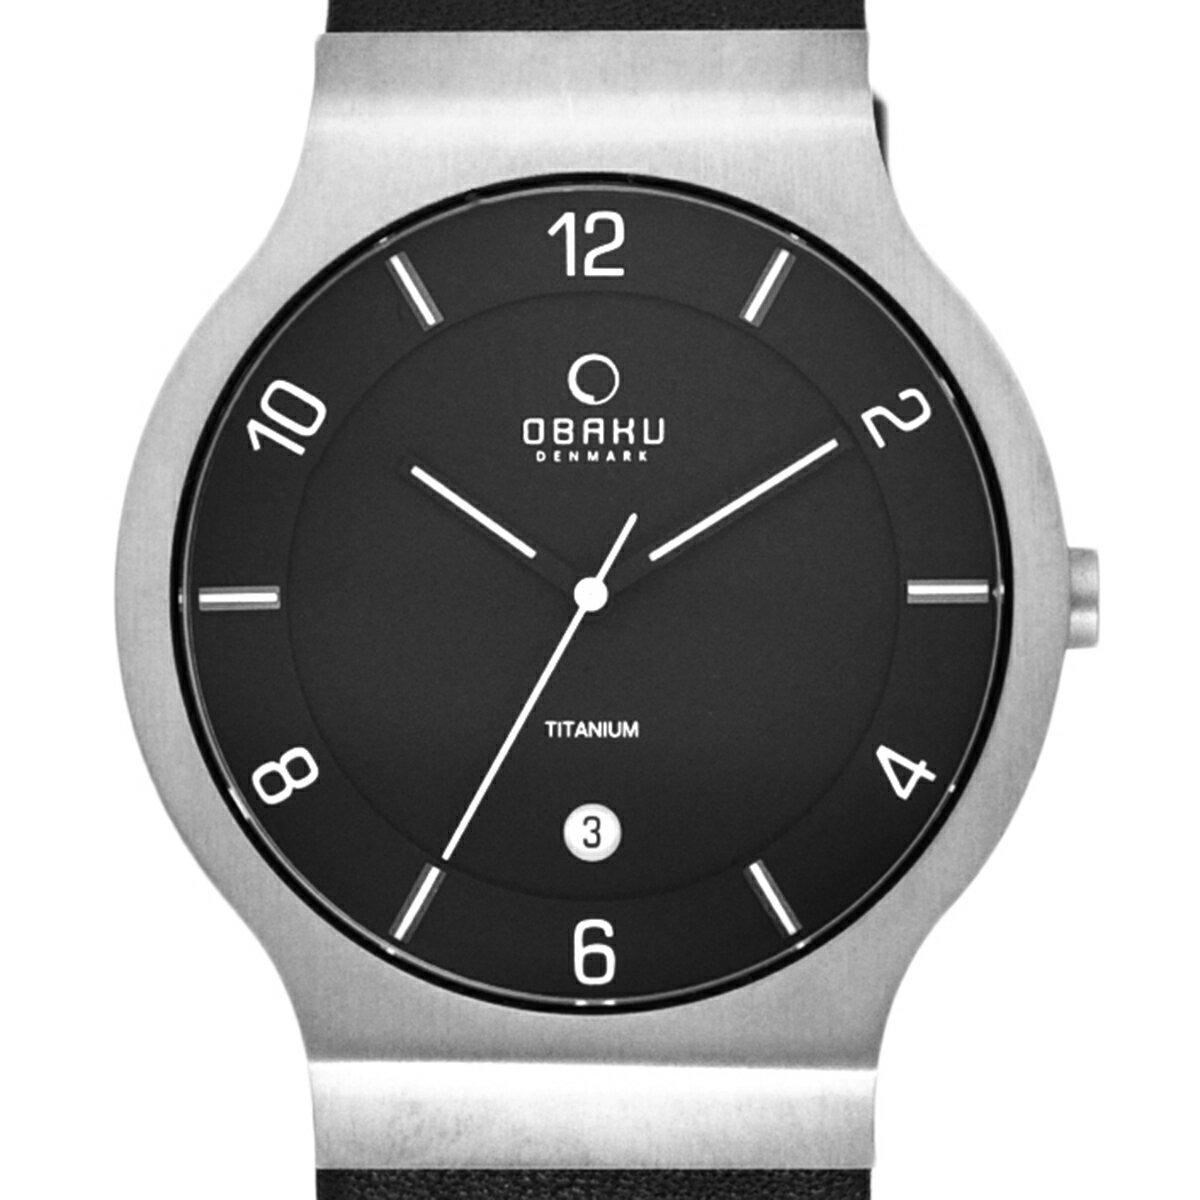 【ポイント10倍】OBAKU オバック クォーツ 腕時計 デンマーク シンプル 薄型 ファッション [V133XTBRB1] 並行輸入品 純正ケース メーカー保証